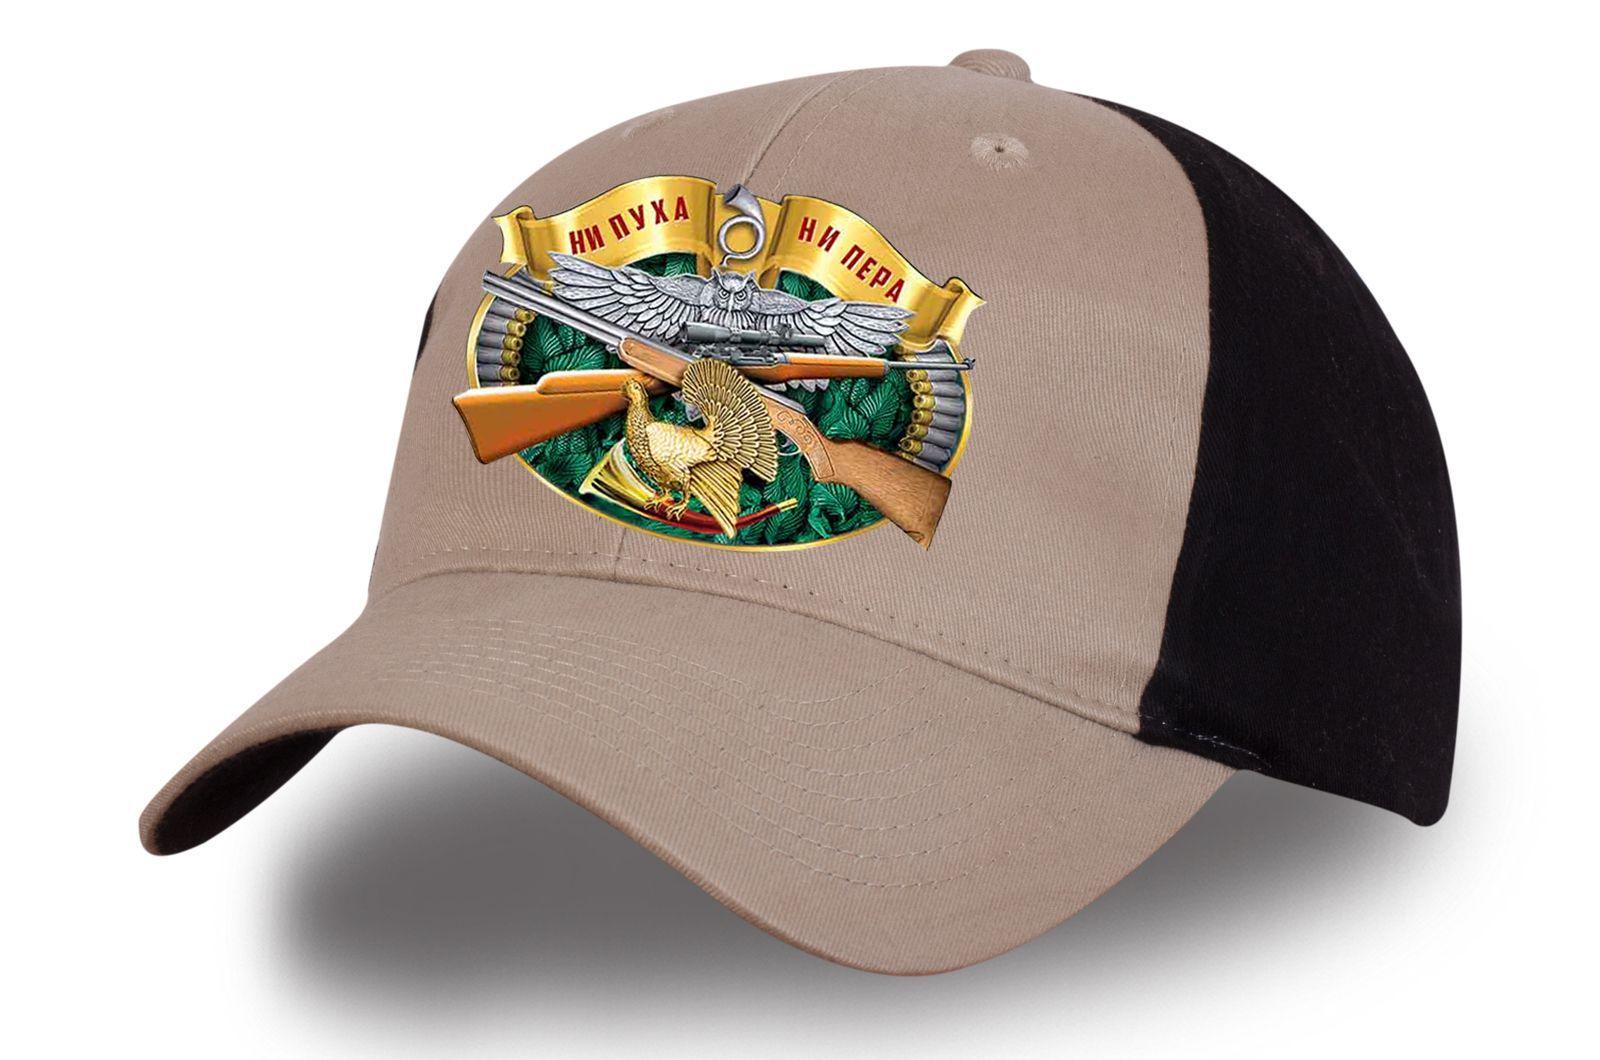 """Охотничья бейсболка """"На удачу"""" - купить по специальной цене"""